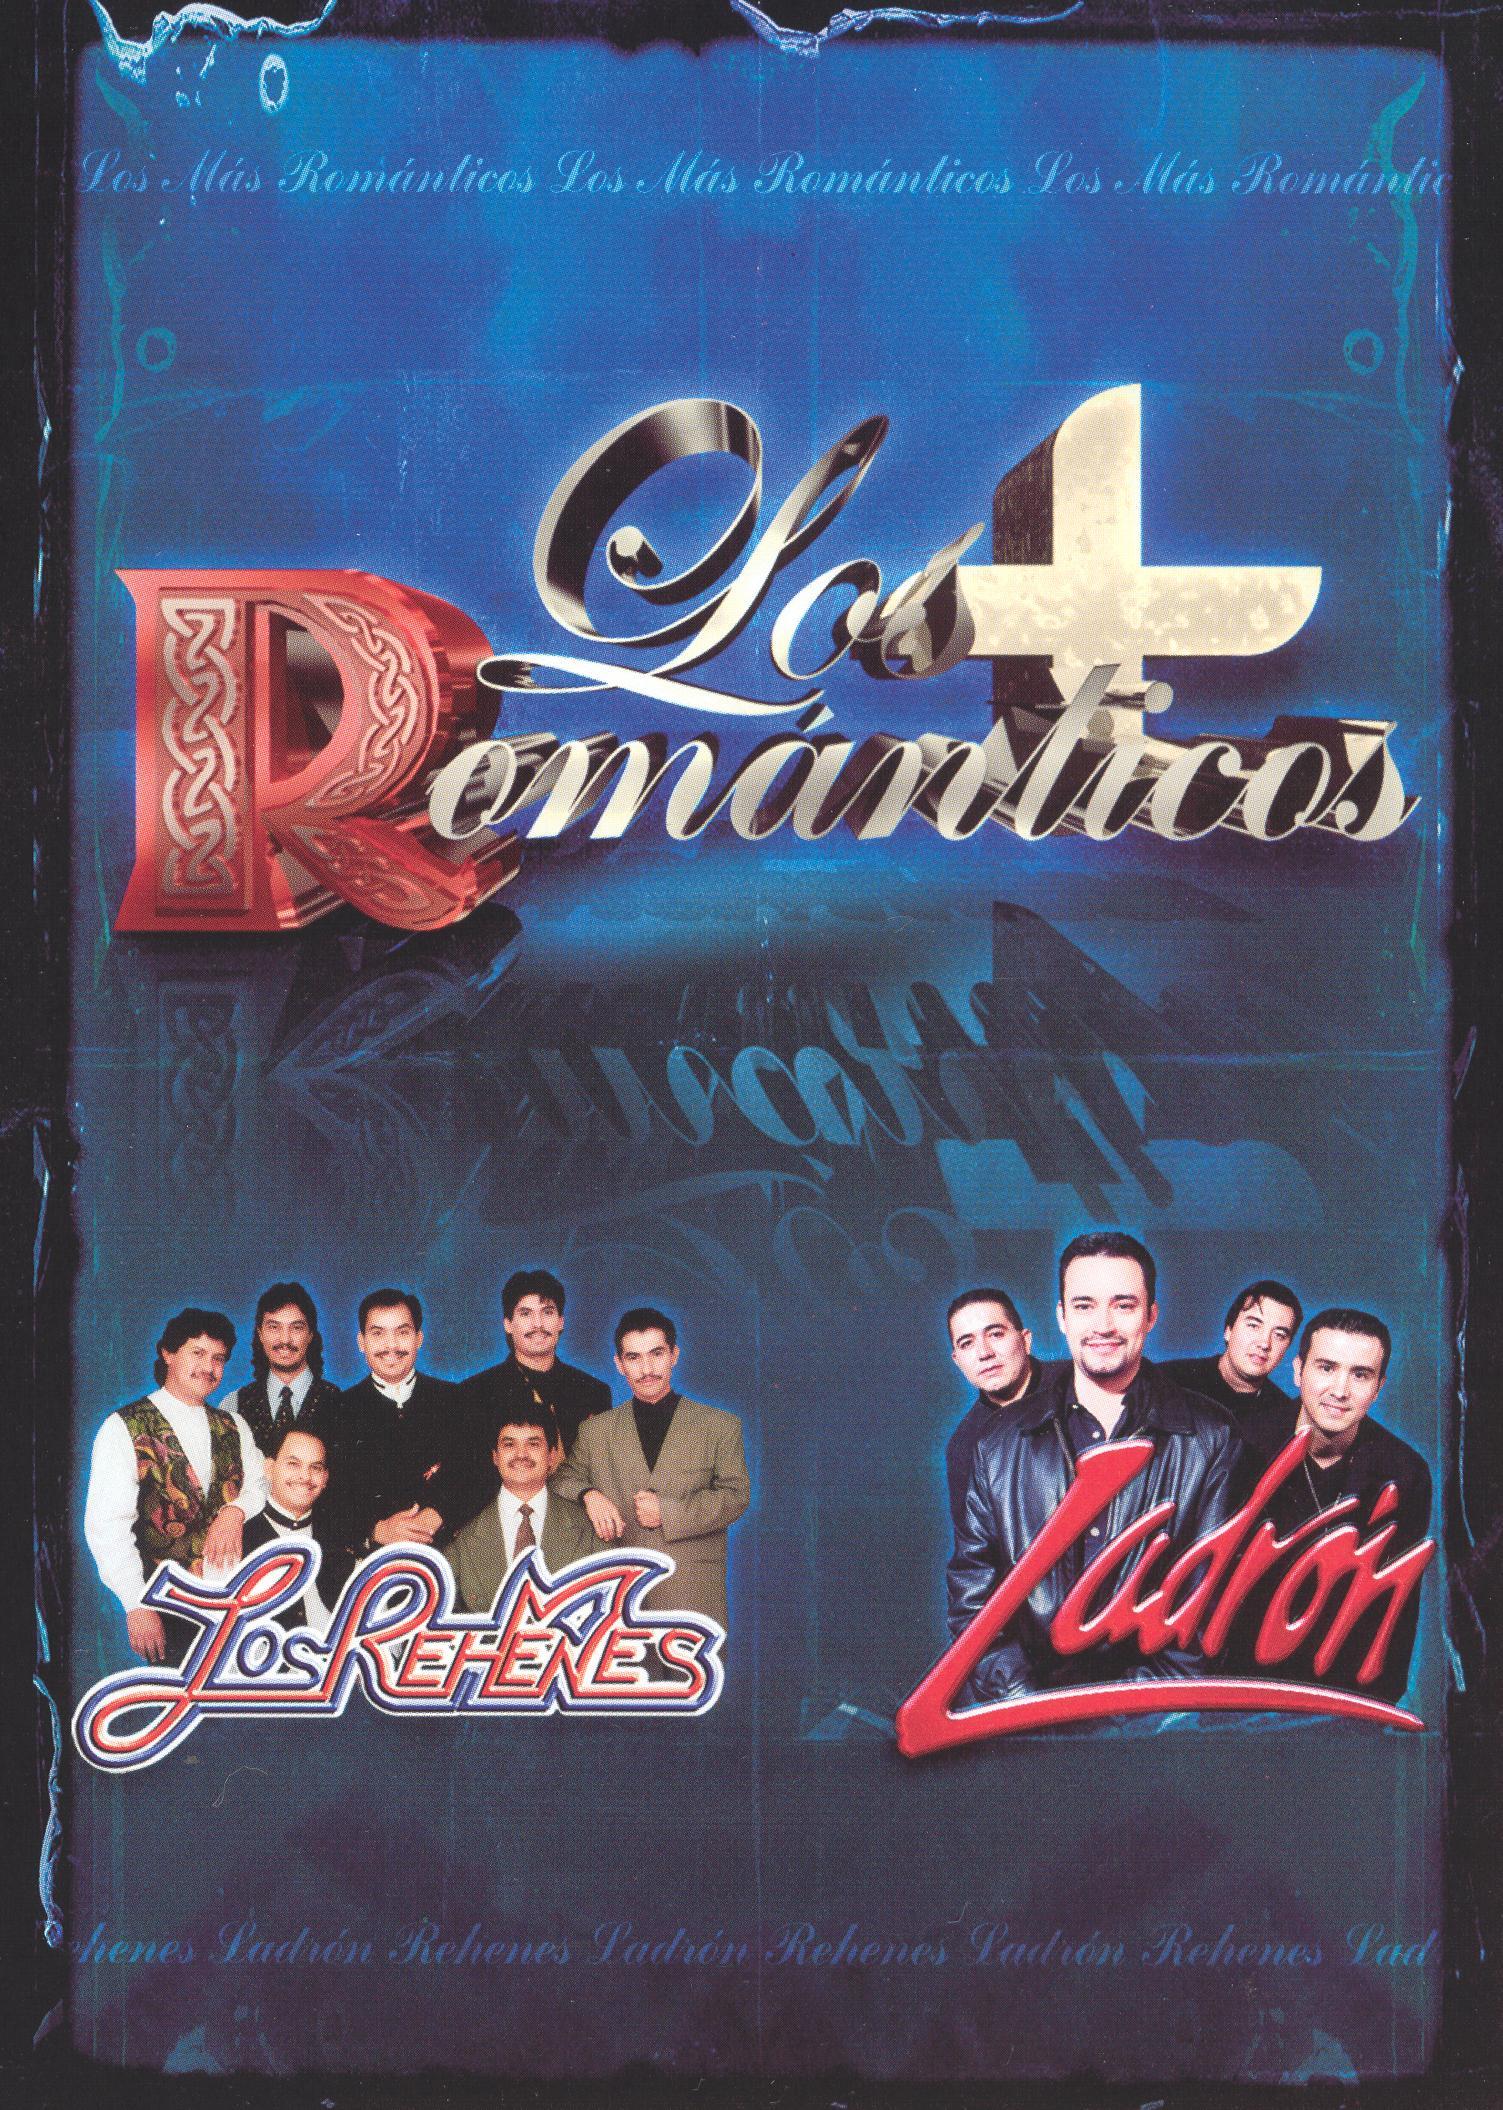 Los Rehenes/Ladron: Los Mas Romanticos